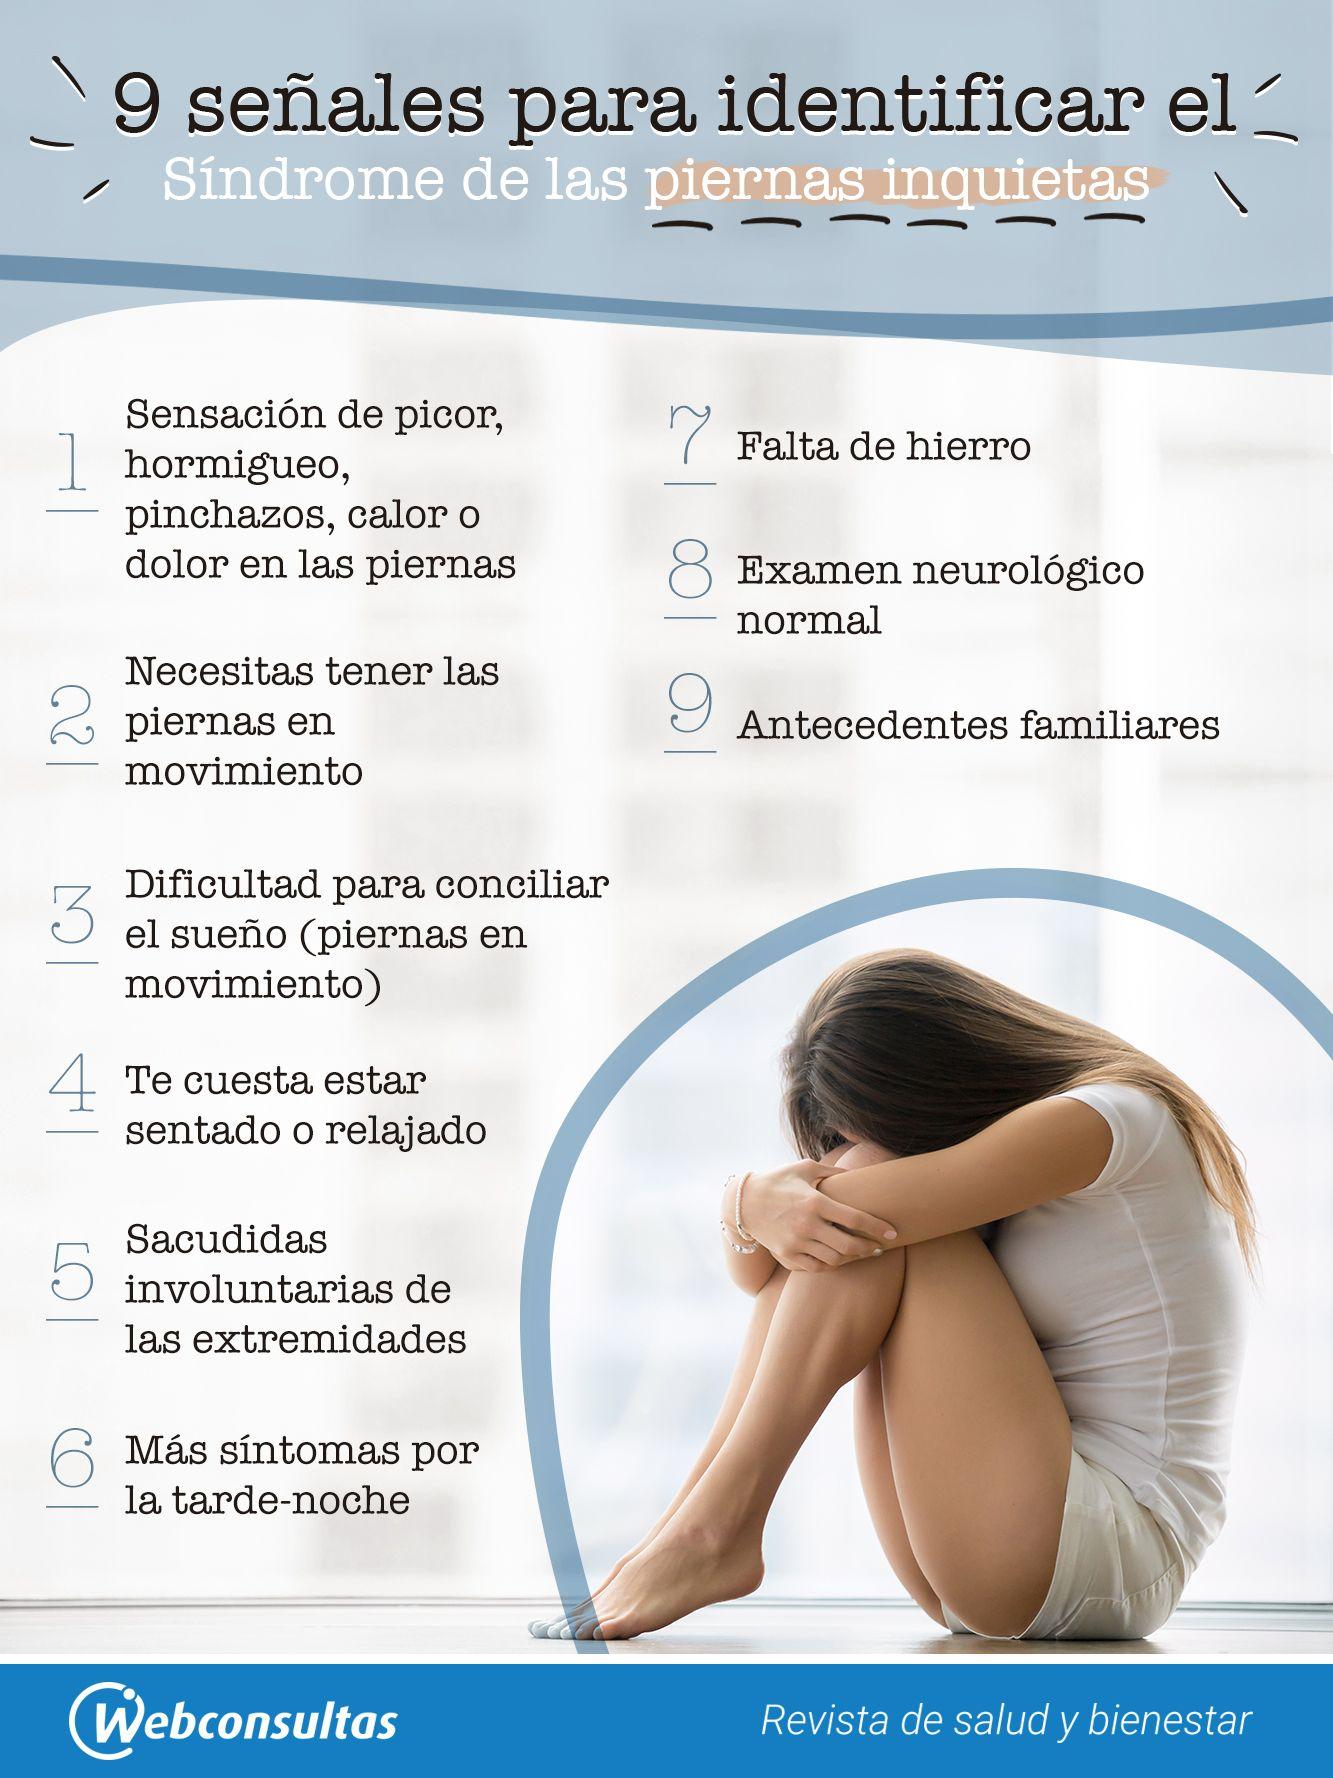 Seis consejos gratis de dolor en la parte baja de la espalda